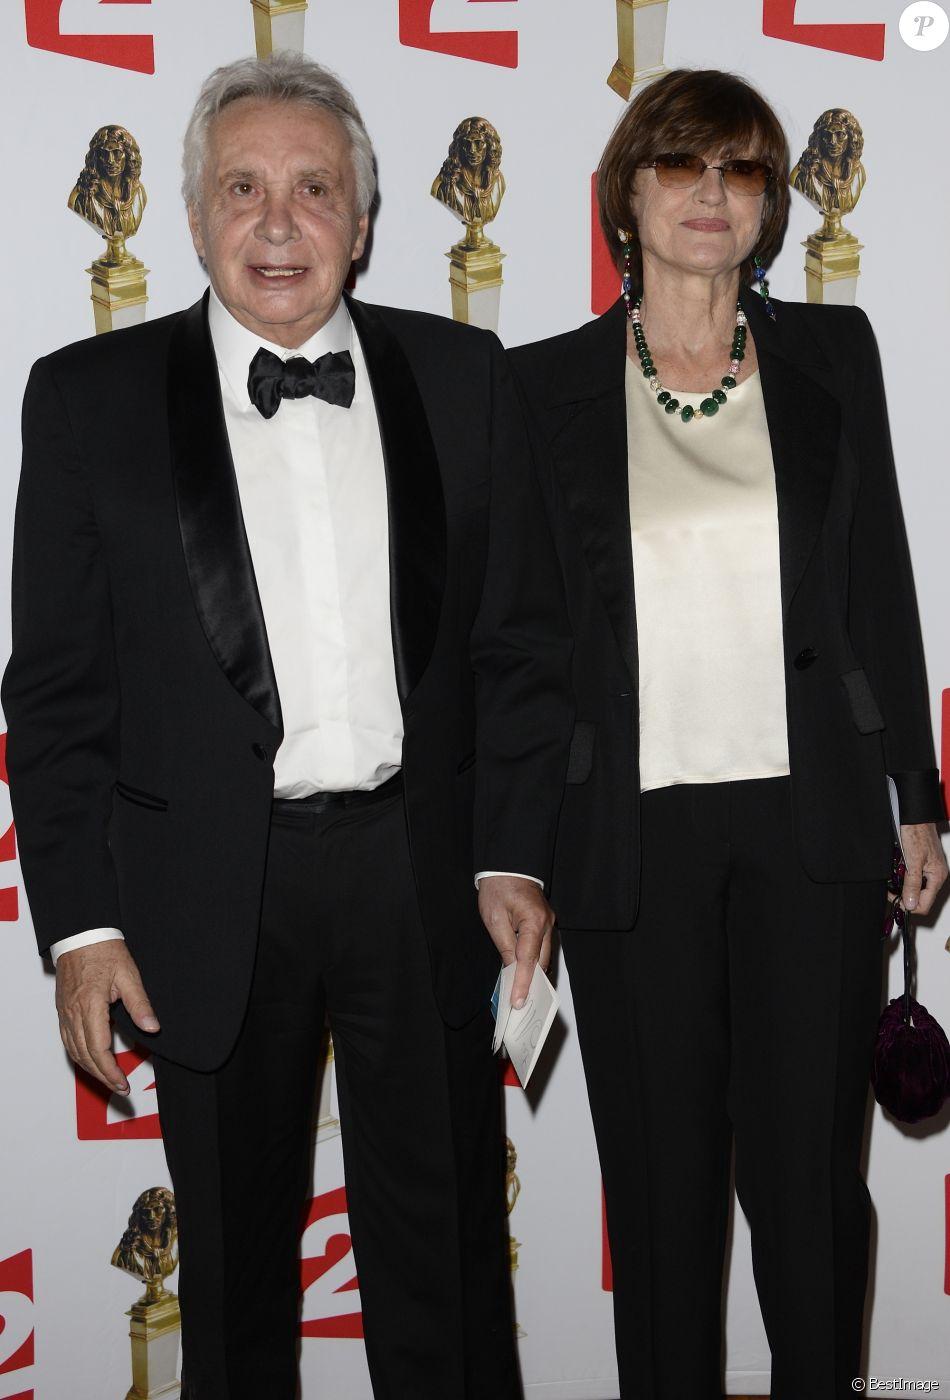 michel sardou et sa femme anne marie perier la 26e nuit des molieres aux folies bergere a paris le 2 juin 2014